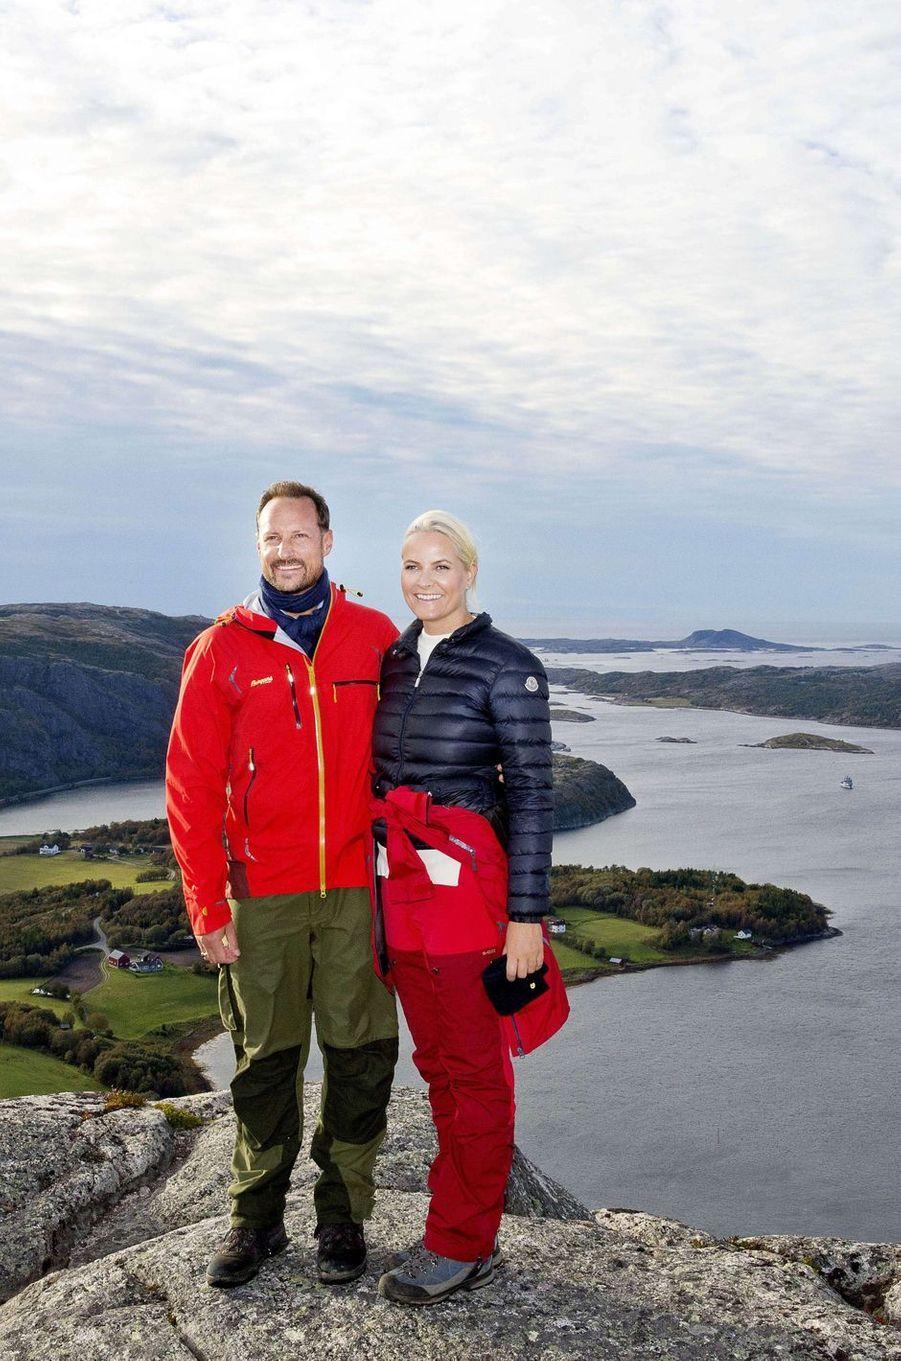 La princesse Mette-Marit et le prince Haakon de Norvège, le 21 septembre 2017